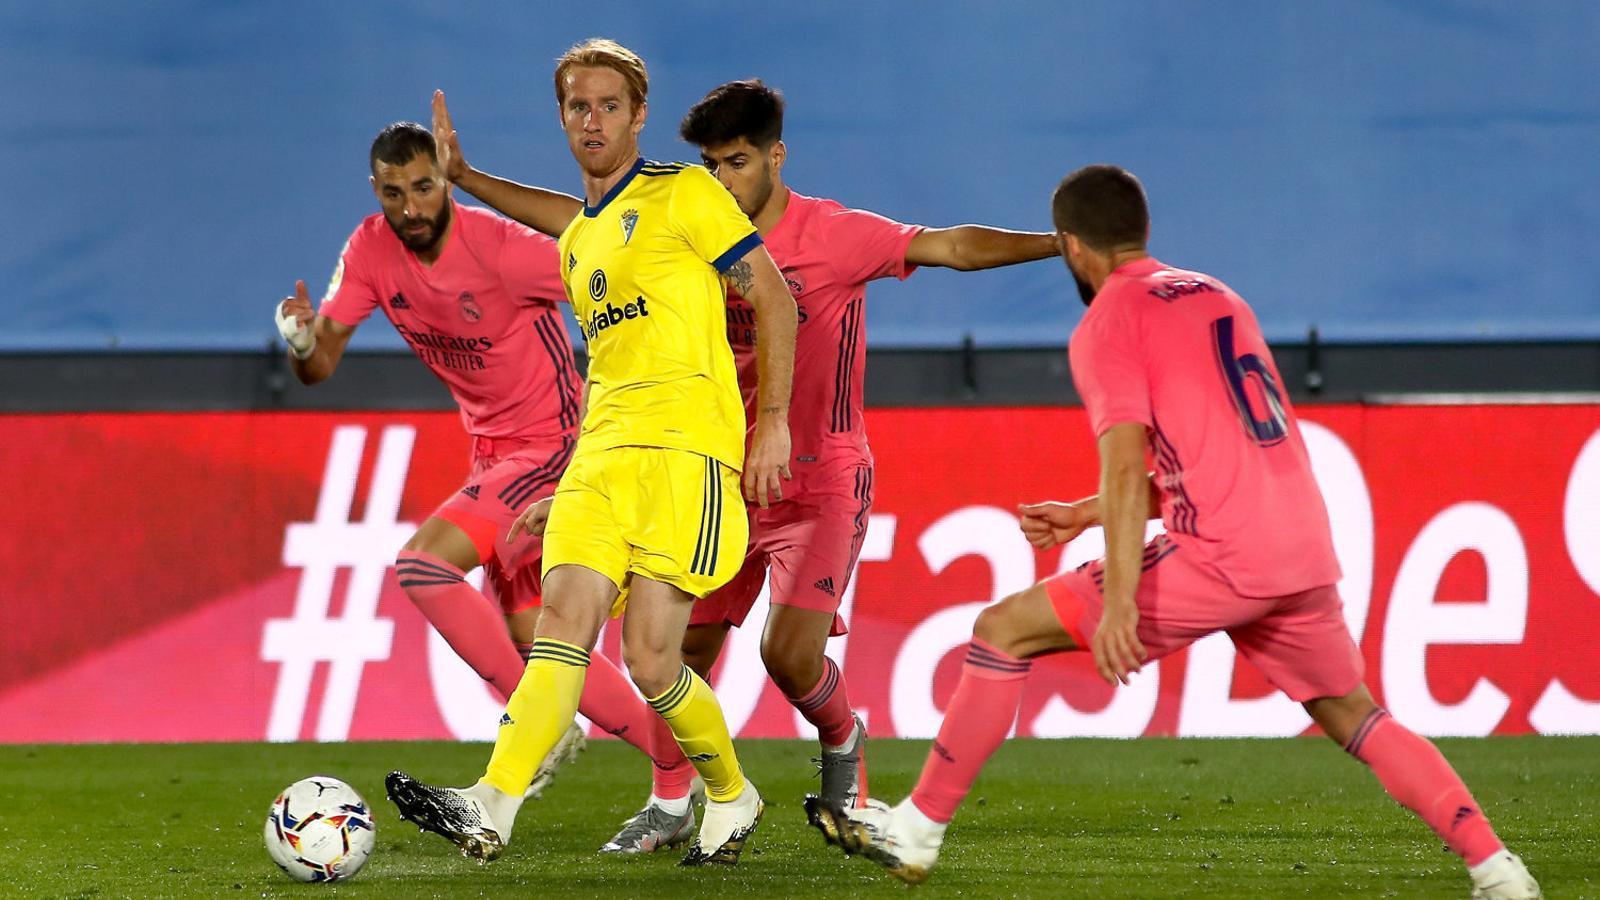 El jugador del Cadis Álex Fernández disputant la pilota en el partit contra el Reial Madrid. El conjunt andalús va guanyar contra pronòstic.